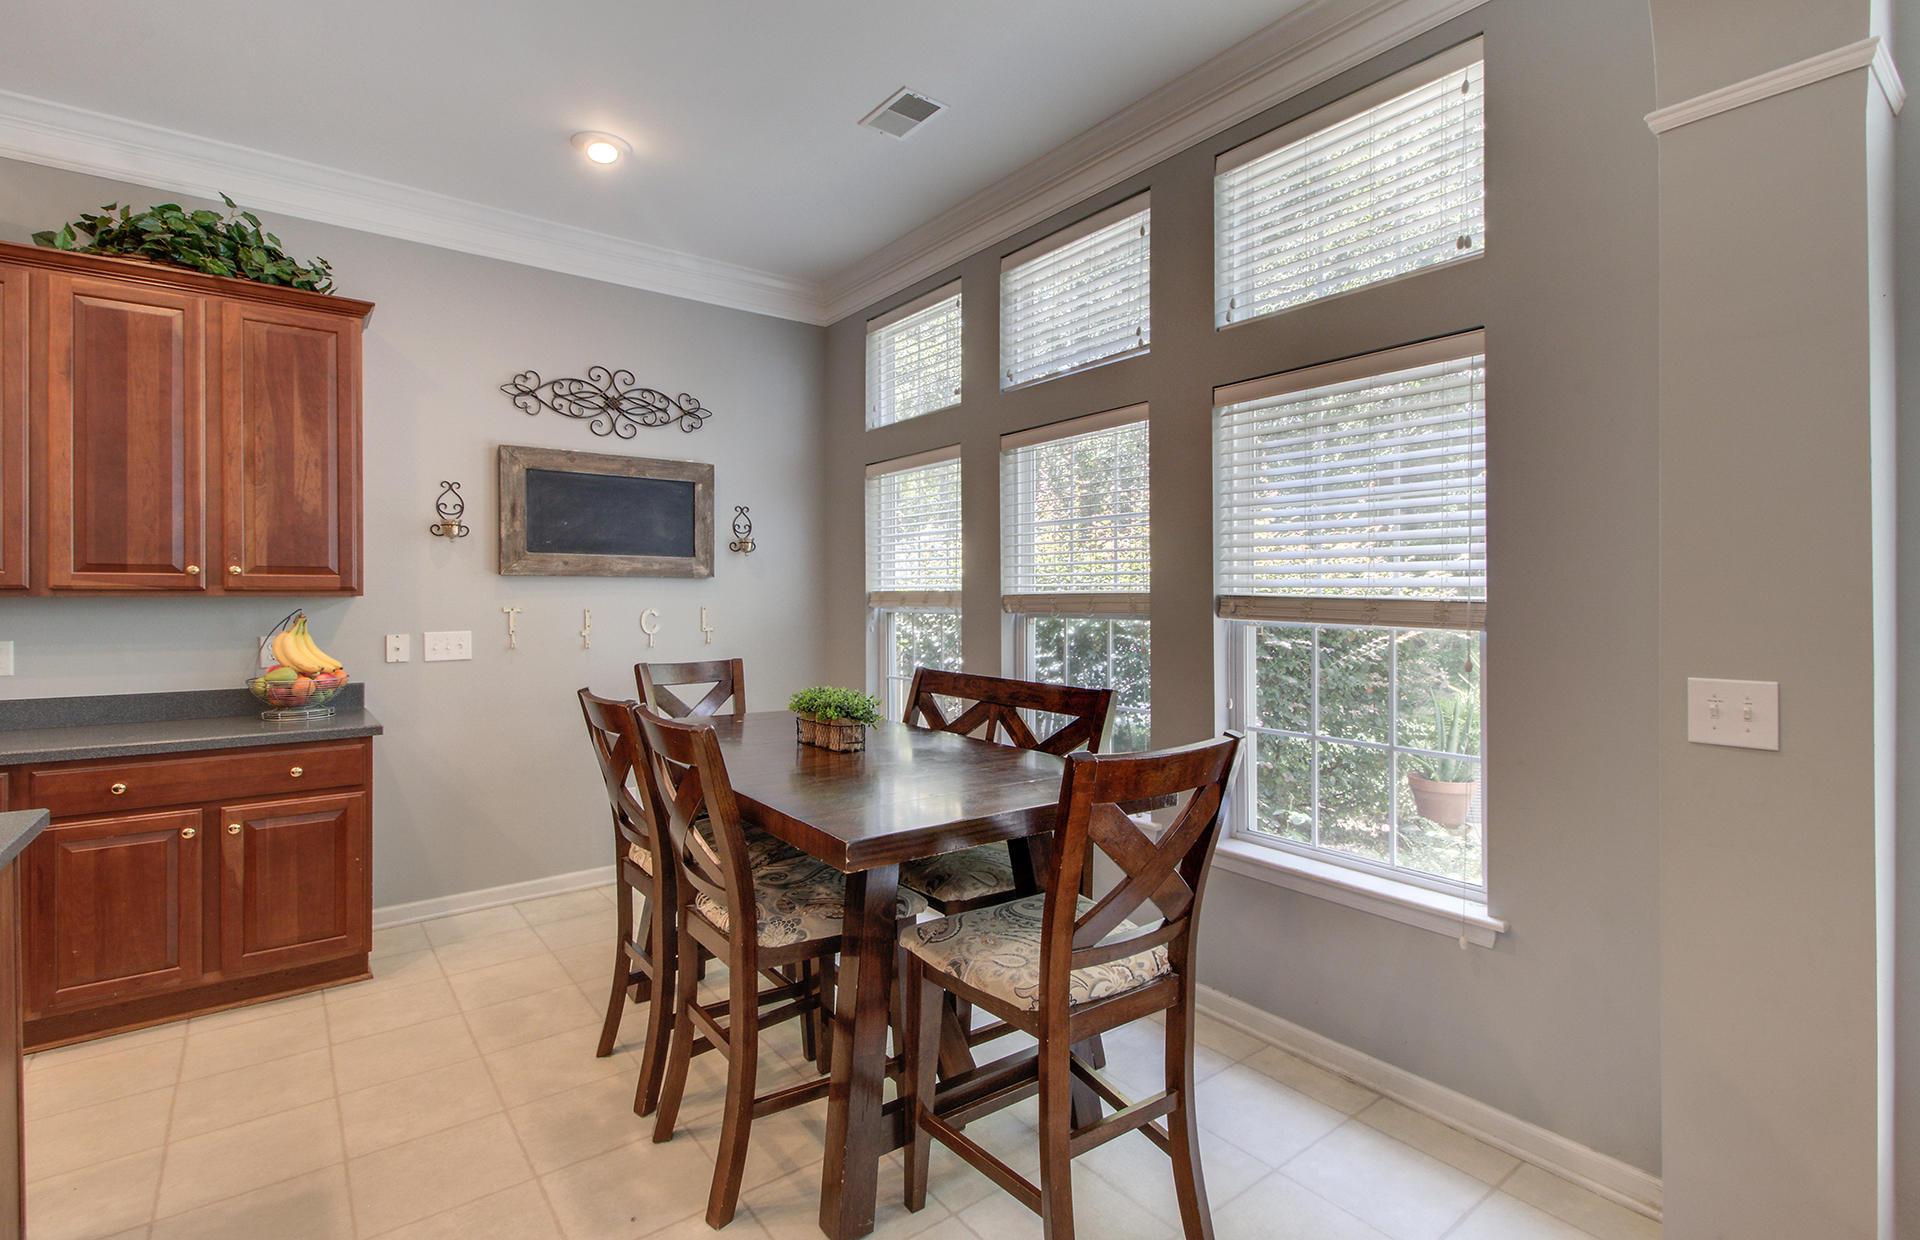 Park West Homes For Sale - 2500 Draymohr, Mount Pleasant, SC - 27